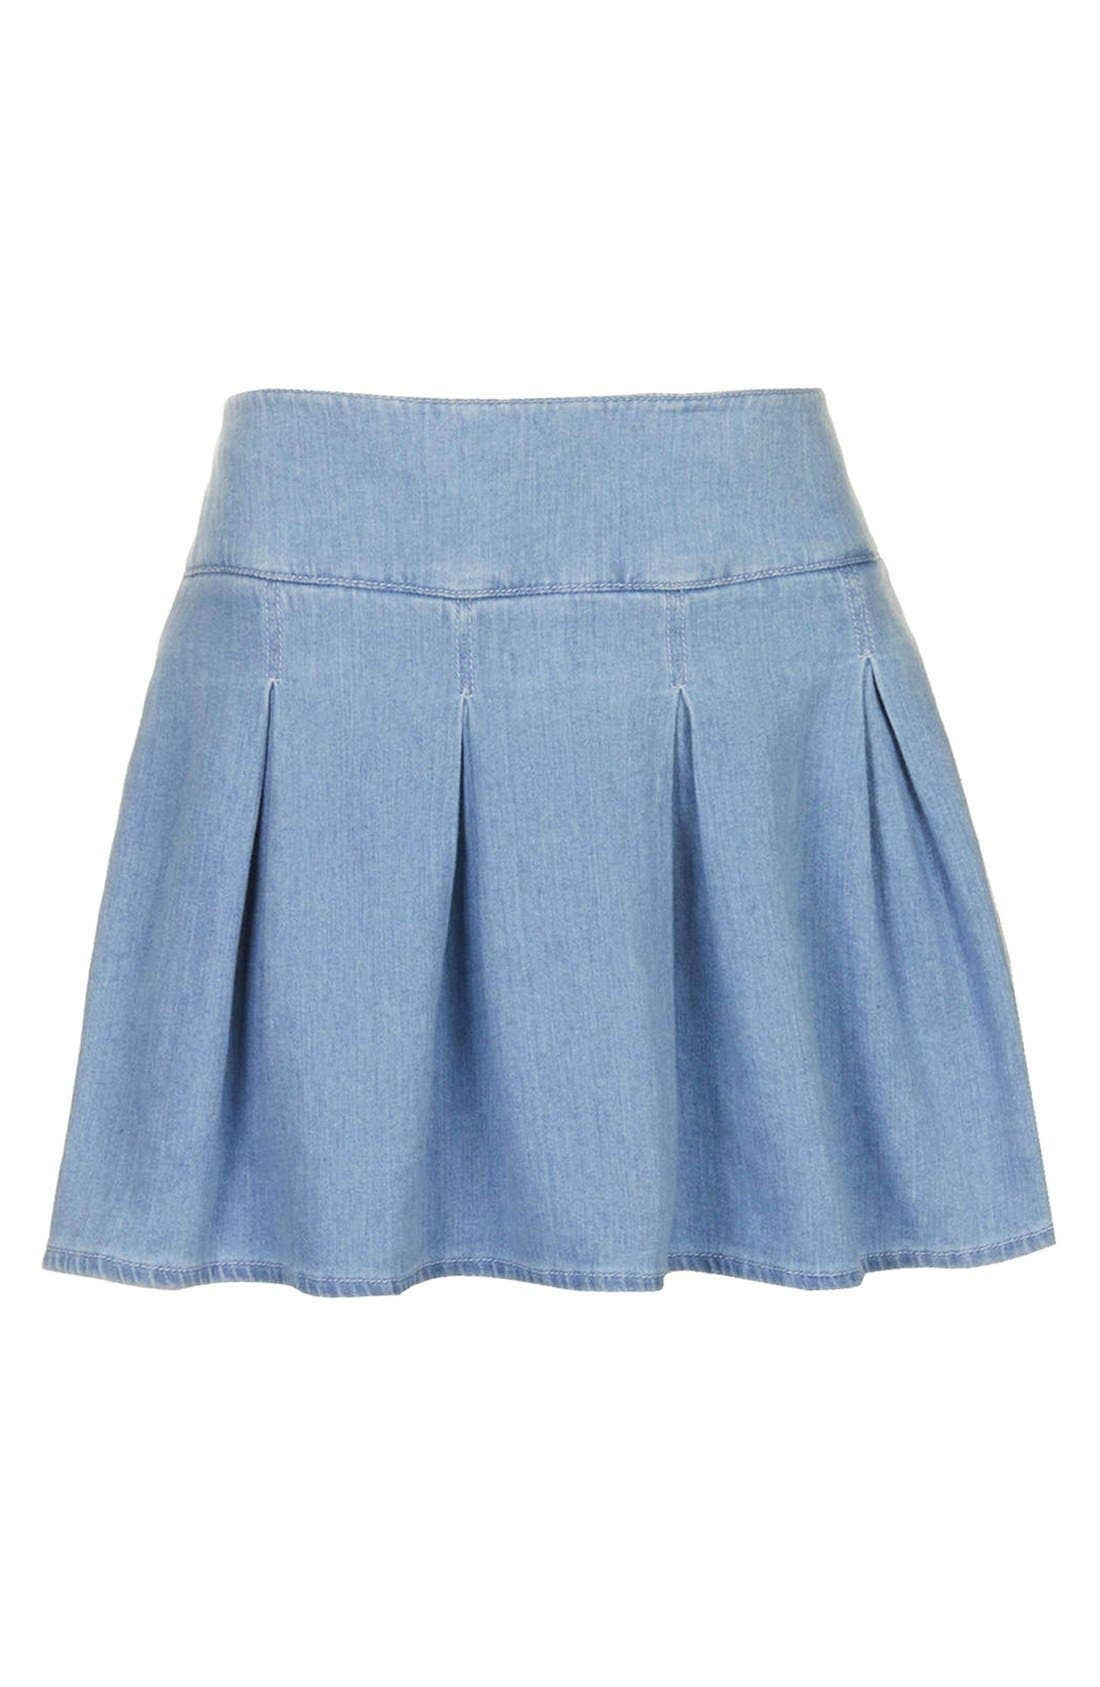 Moto Pleat Denim Skirt,                             Alternate thumbnail 4, color,                             400